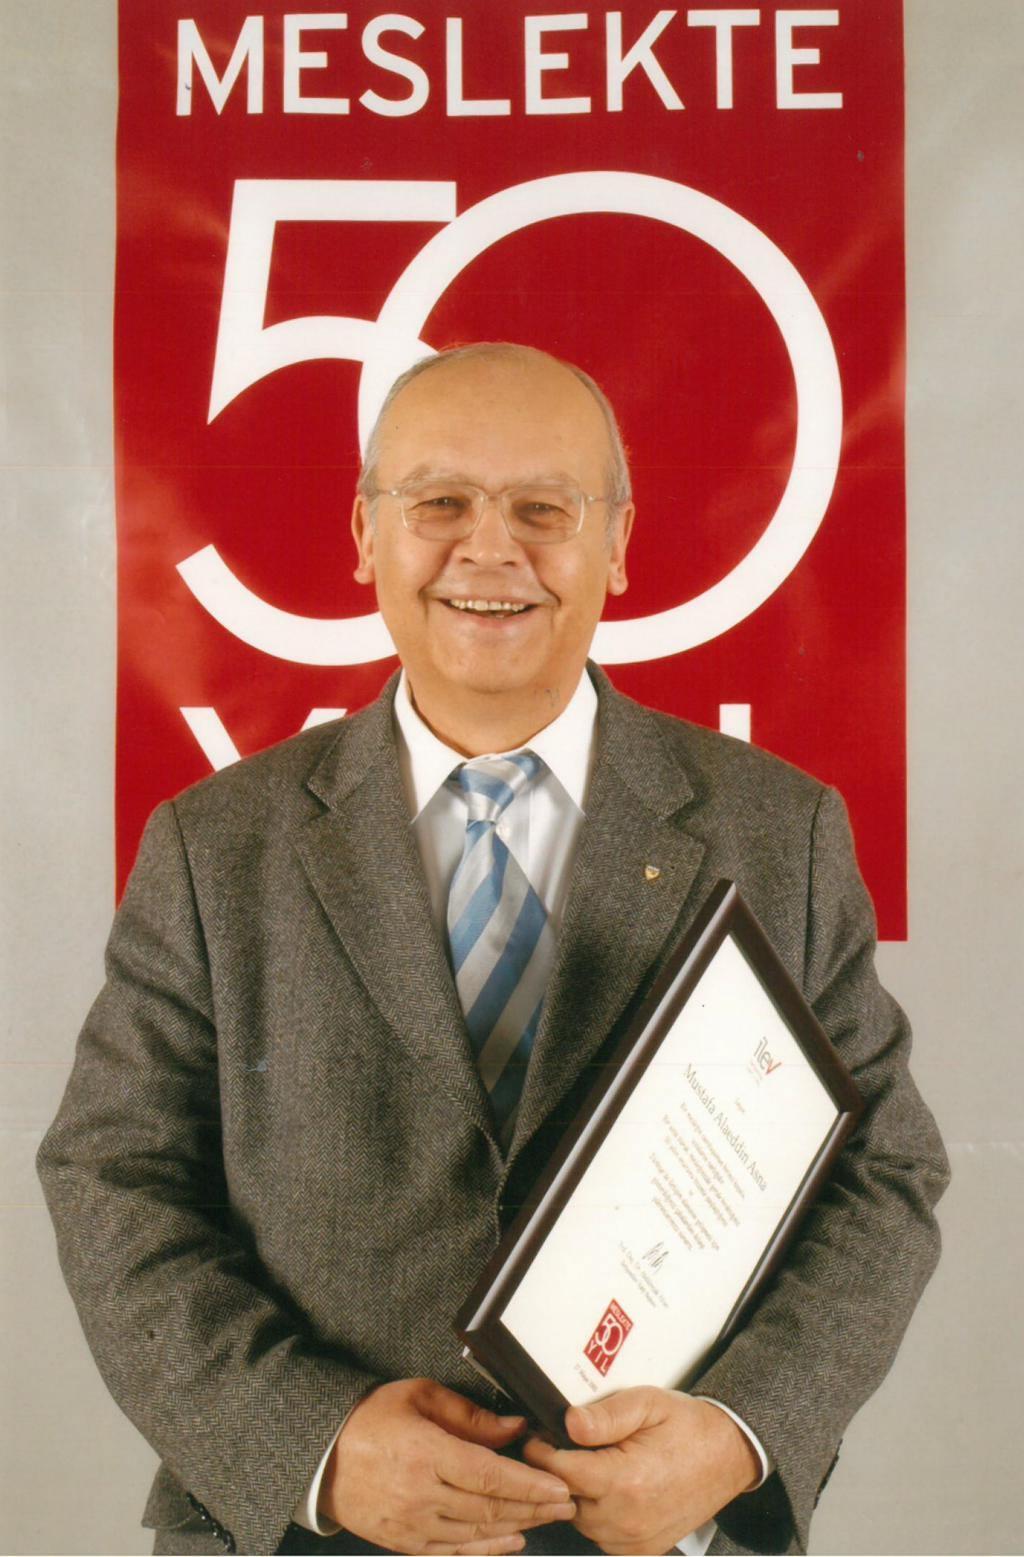 Prof. Dr. Alâeddin Asna Yeni Zamanlar ve Halkla İlişkiler Sempozyumu Basın Bülteni Görseli (1)